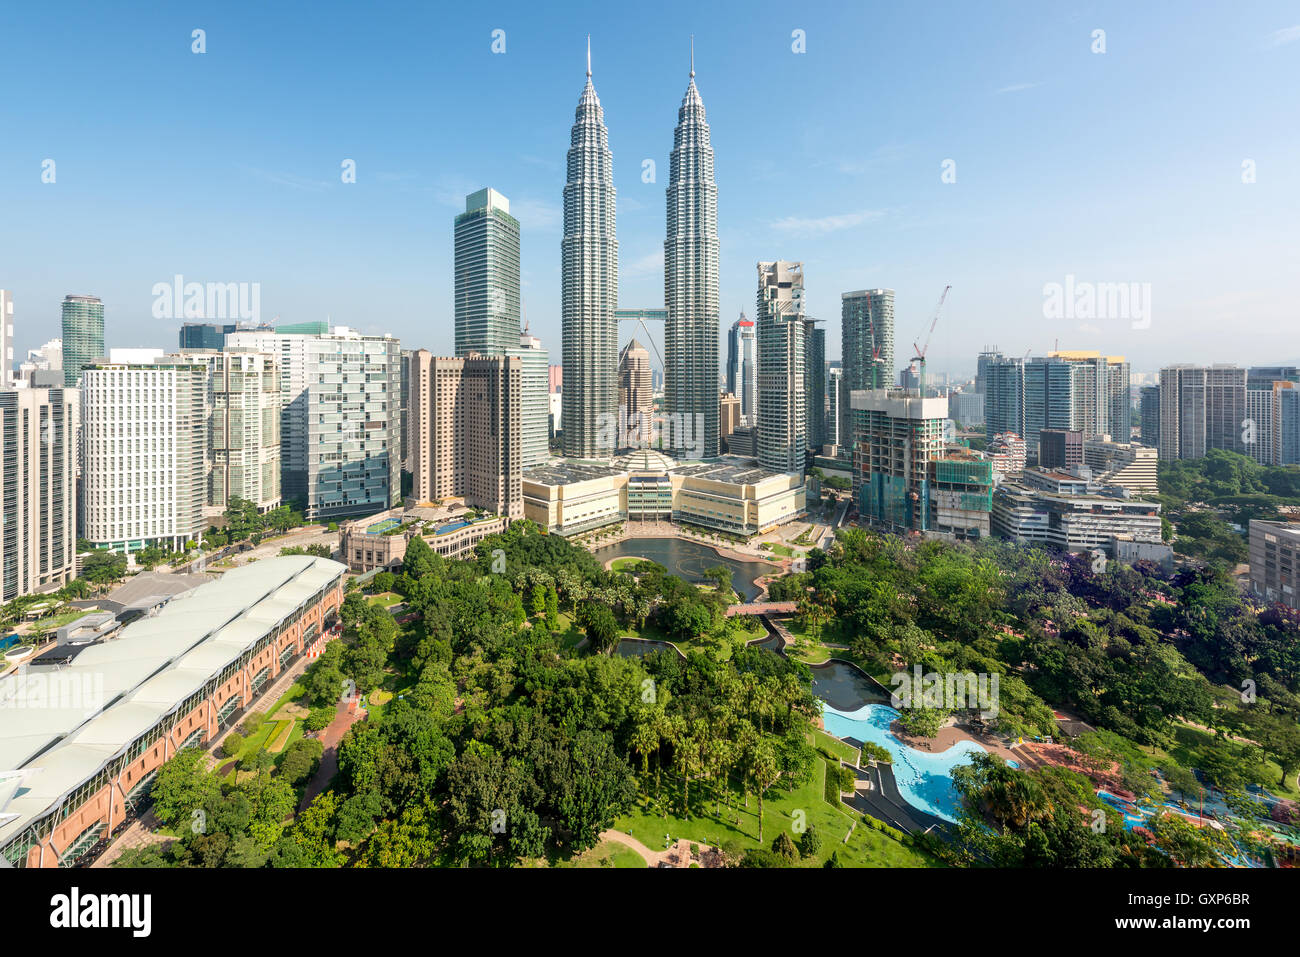 El horizonte de la ciudad de Kuala Lumpur y rascacielos en Kuala Lumpur, Malasia Imagen De Stock